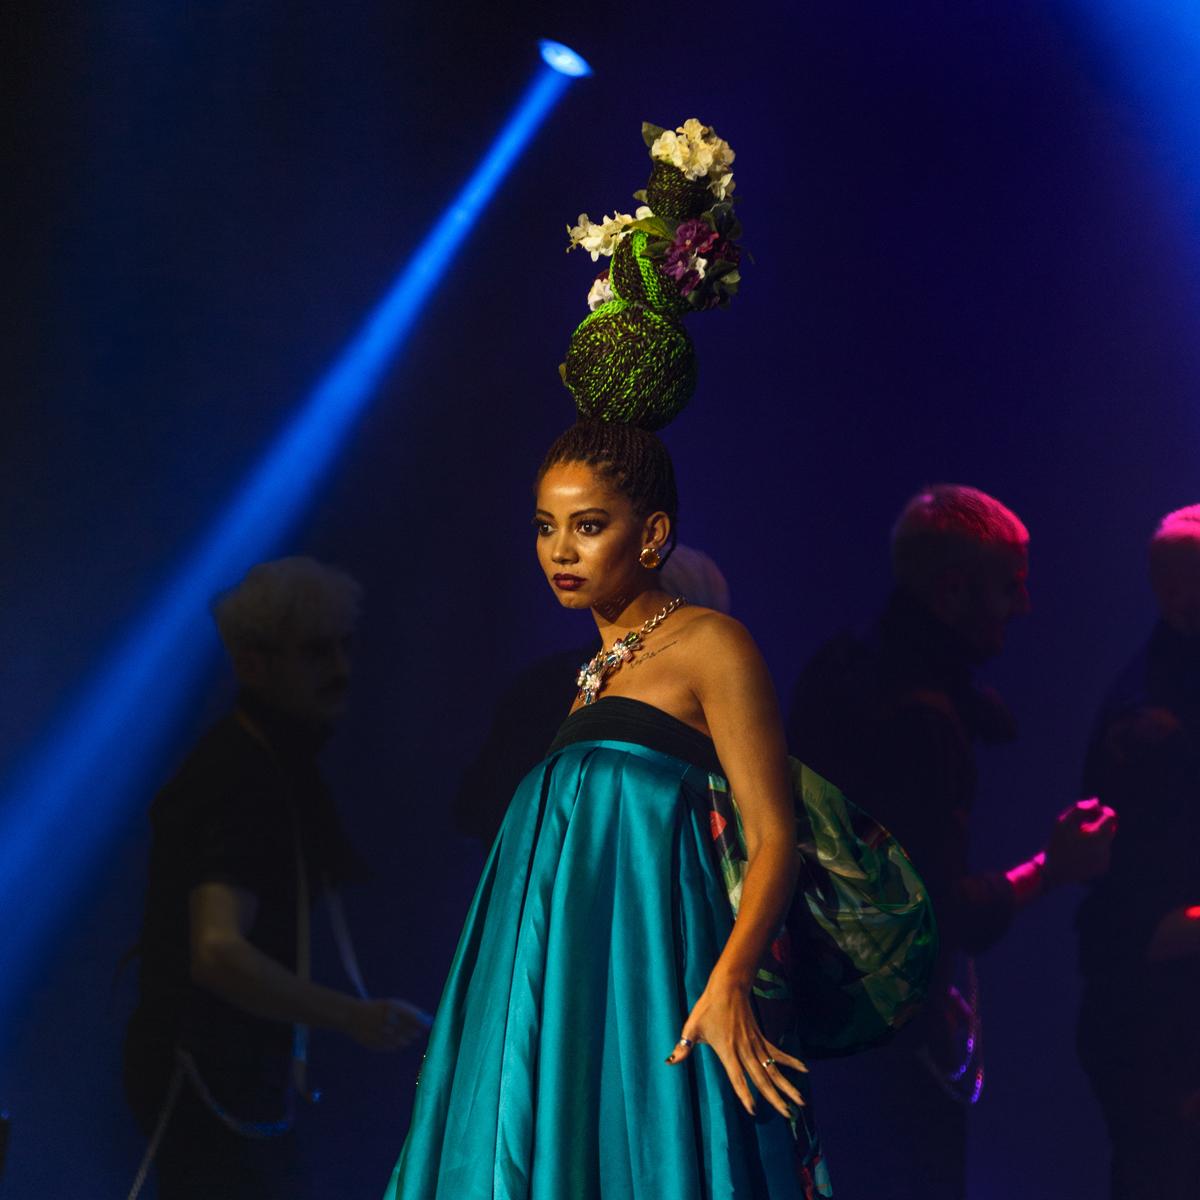 cabello trenzado en color fantasía verde y marrón por isaac salido para la colección la décima reina presentada en davines hair on stage hos bologna